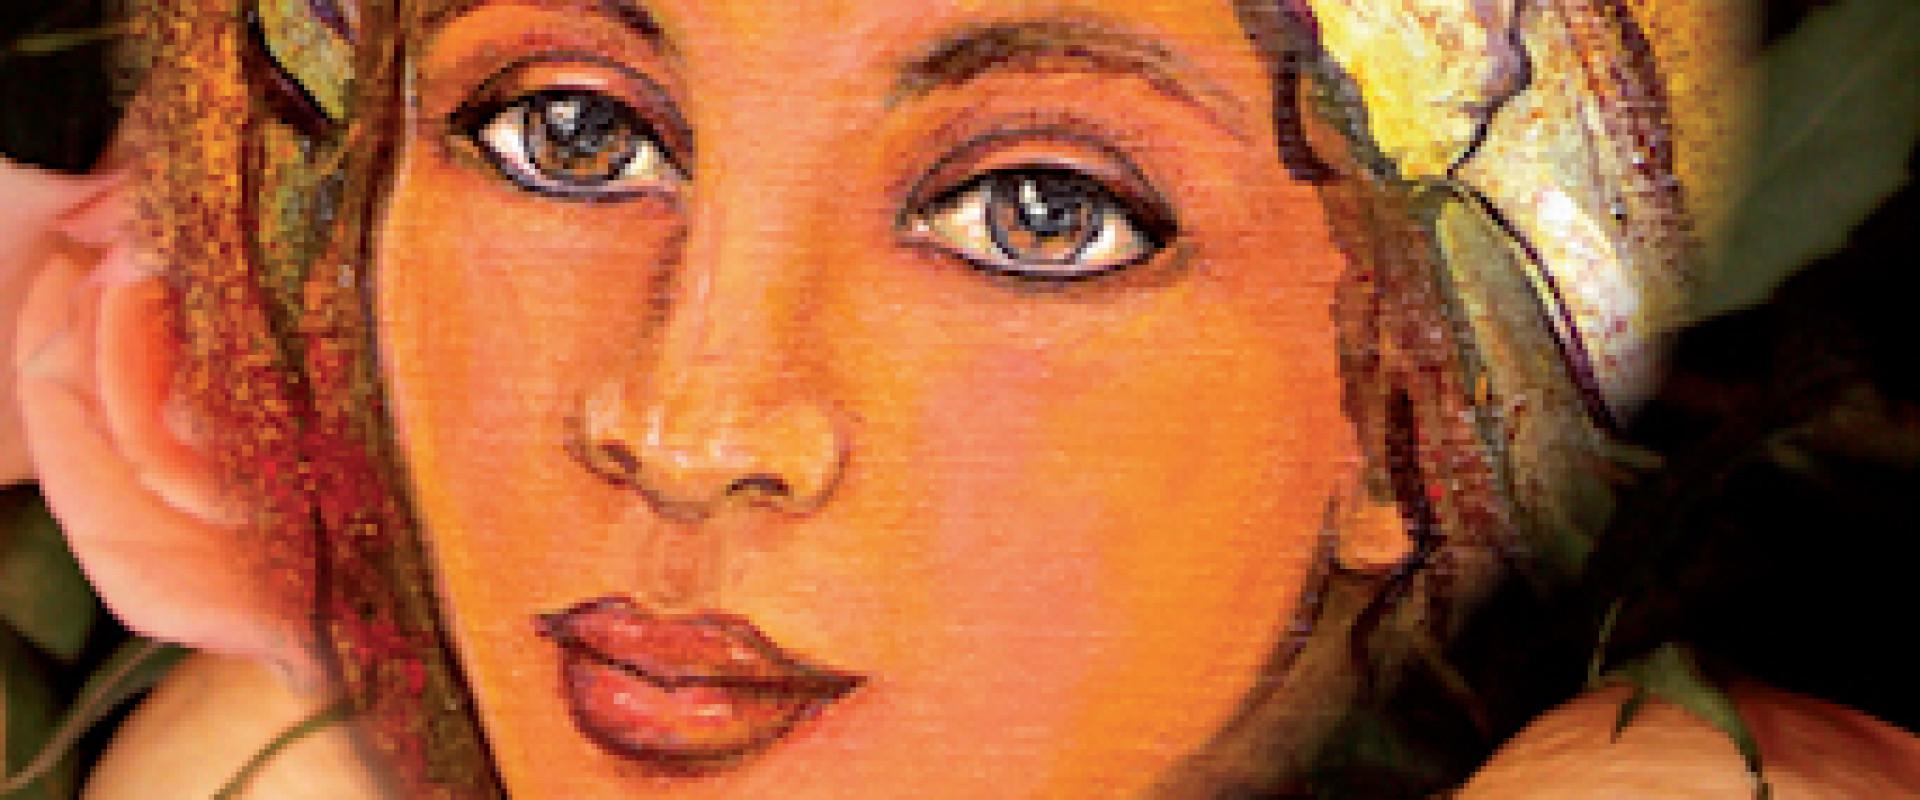 OPENBARING VAN MARIA MAGDALENA EN JEZUS OVER HET BELANG VAN DE VROUWELIJKE CHRISTUS VOOR DE MENSHEID